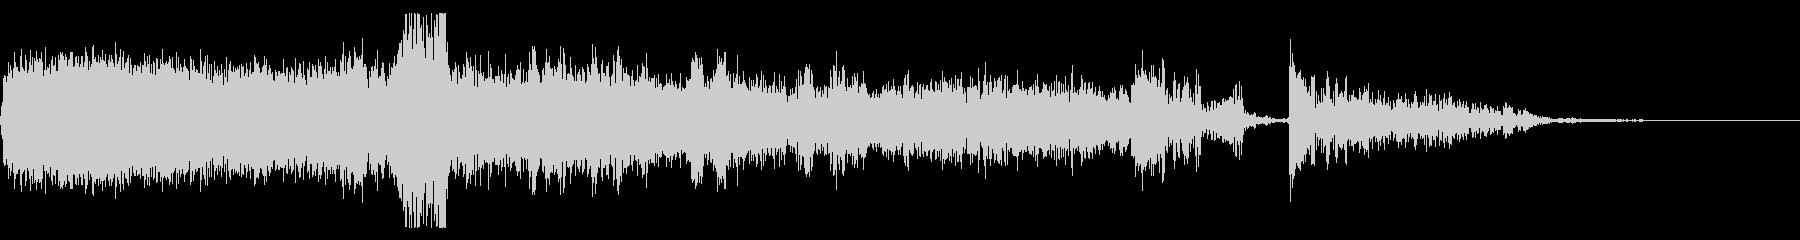 FMラジオ的ジングル15の未再生の波形